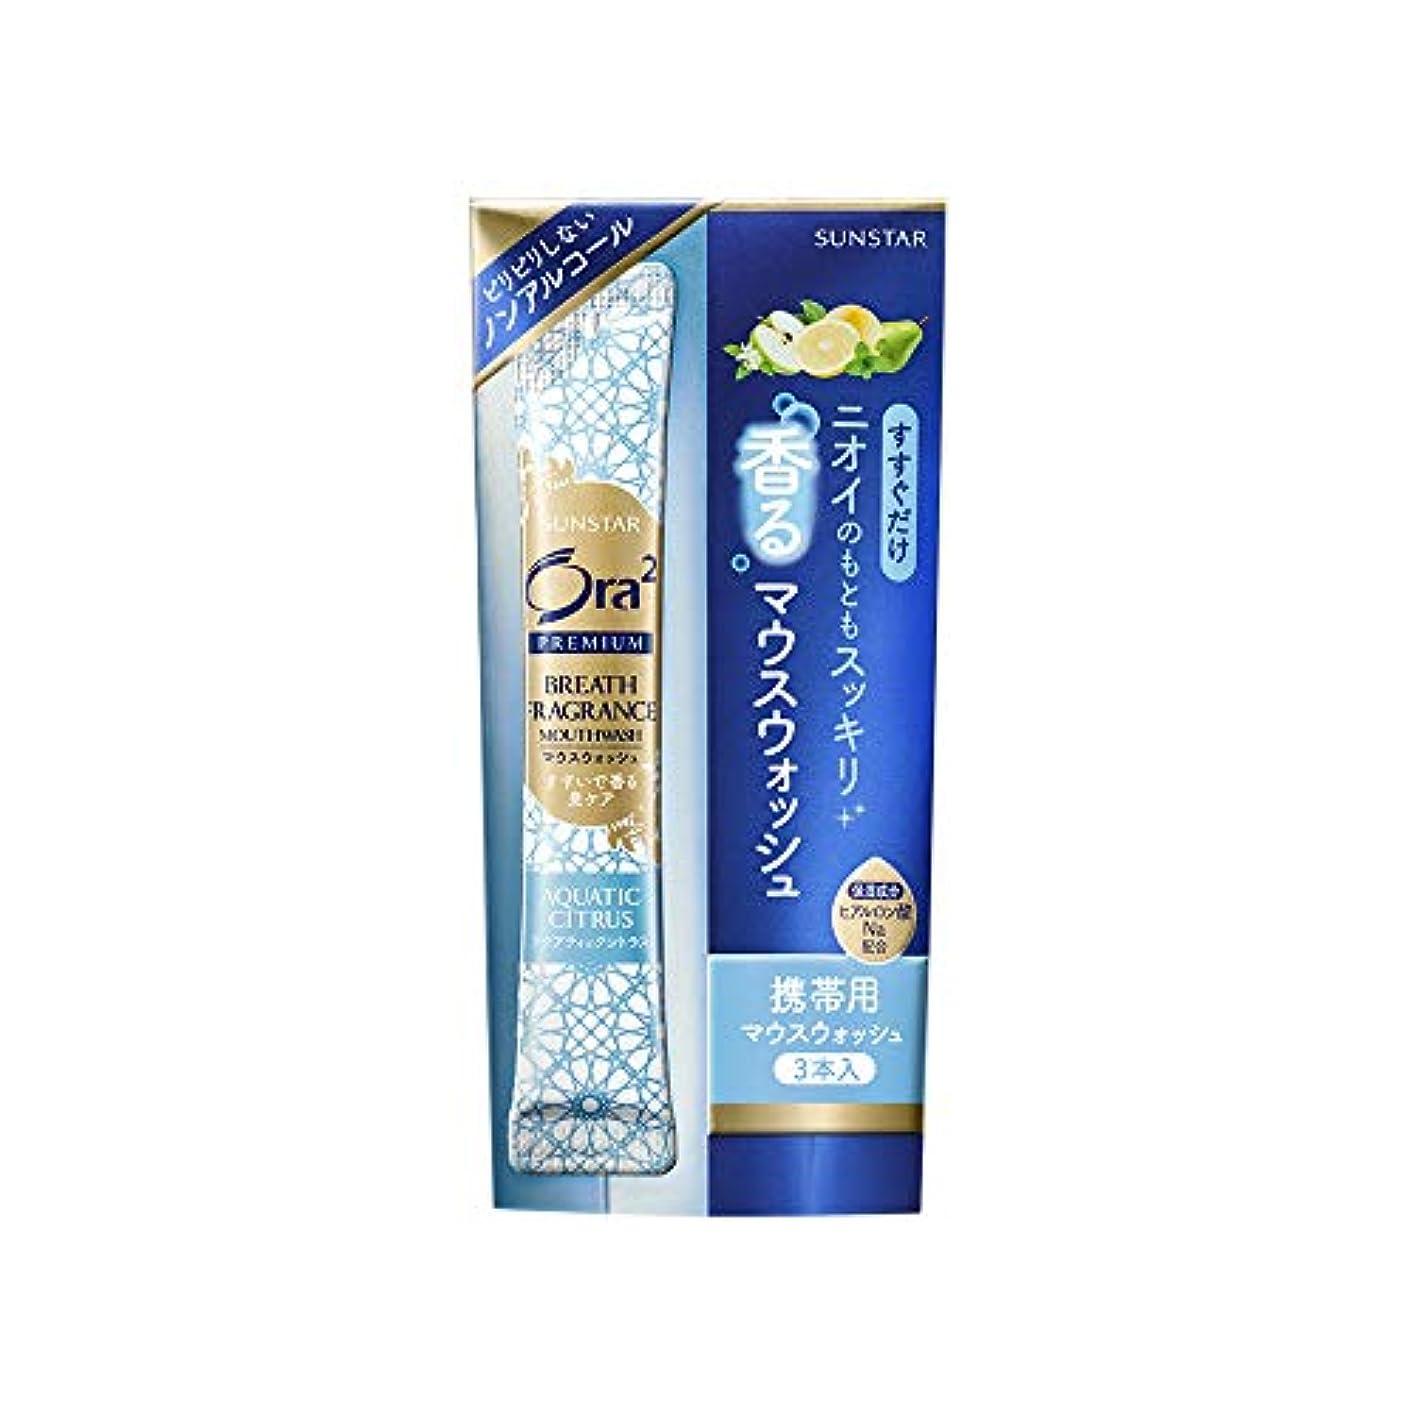 ファントムプレミアタイマーOra2(オーラツー) プレミアム マウスウォッシュ ブレスフレグランス 洗口液 [アクアティックシトラス] トラベル用